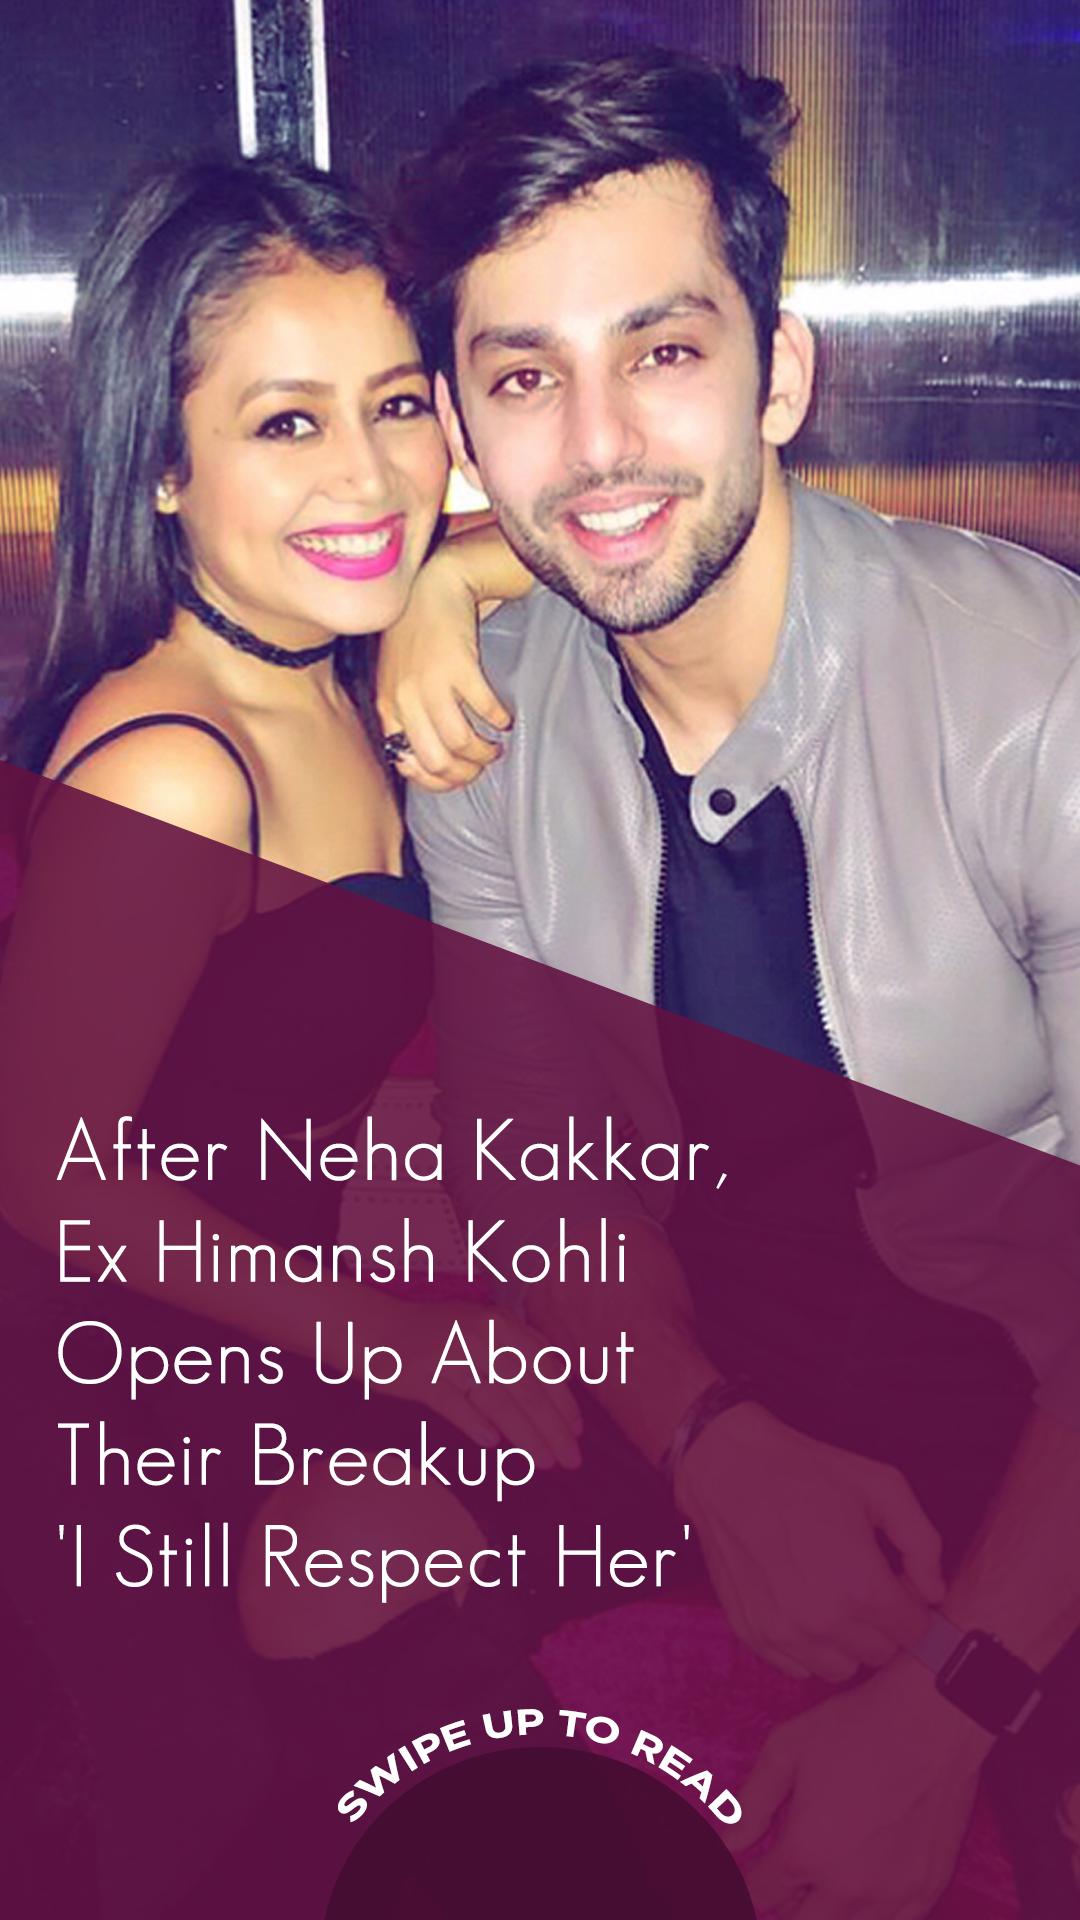 Himansh Kohli opens up on break up with Neha Kakkar. The